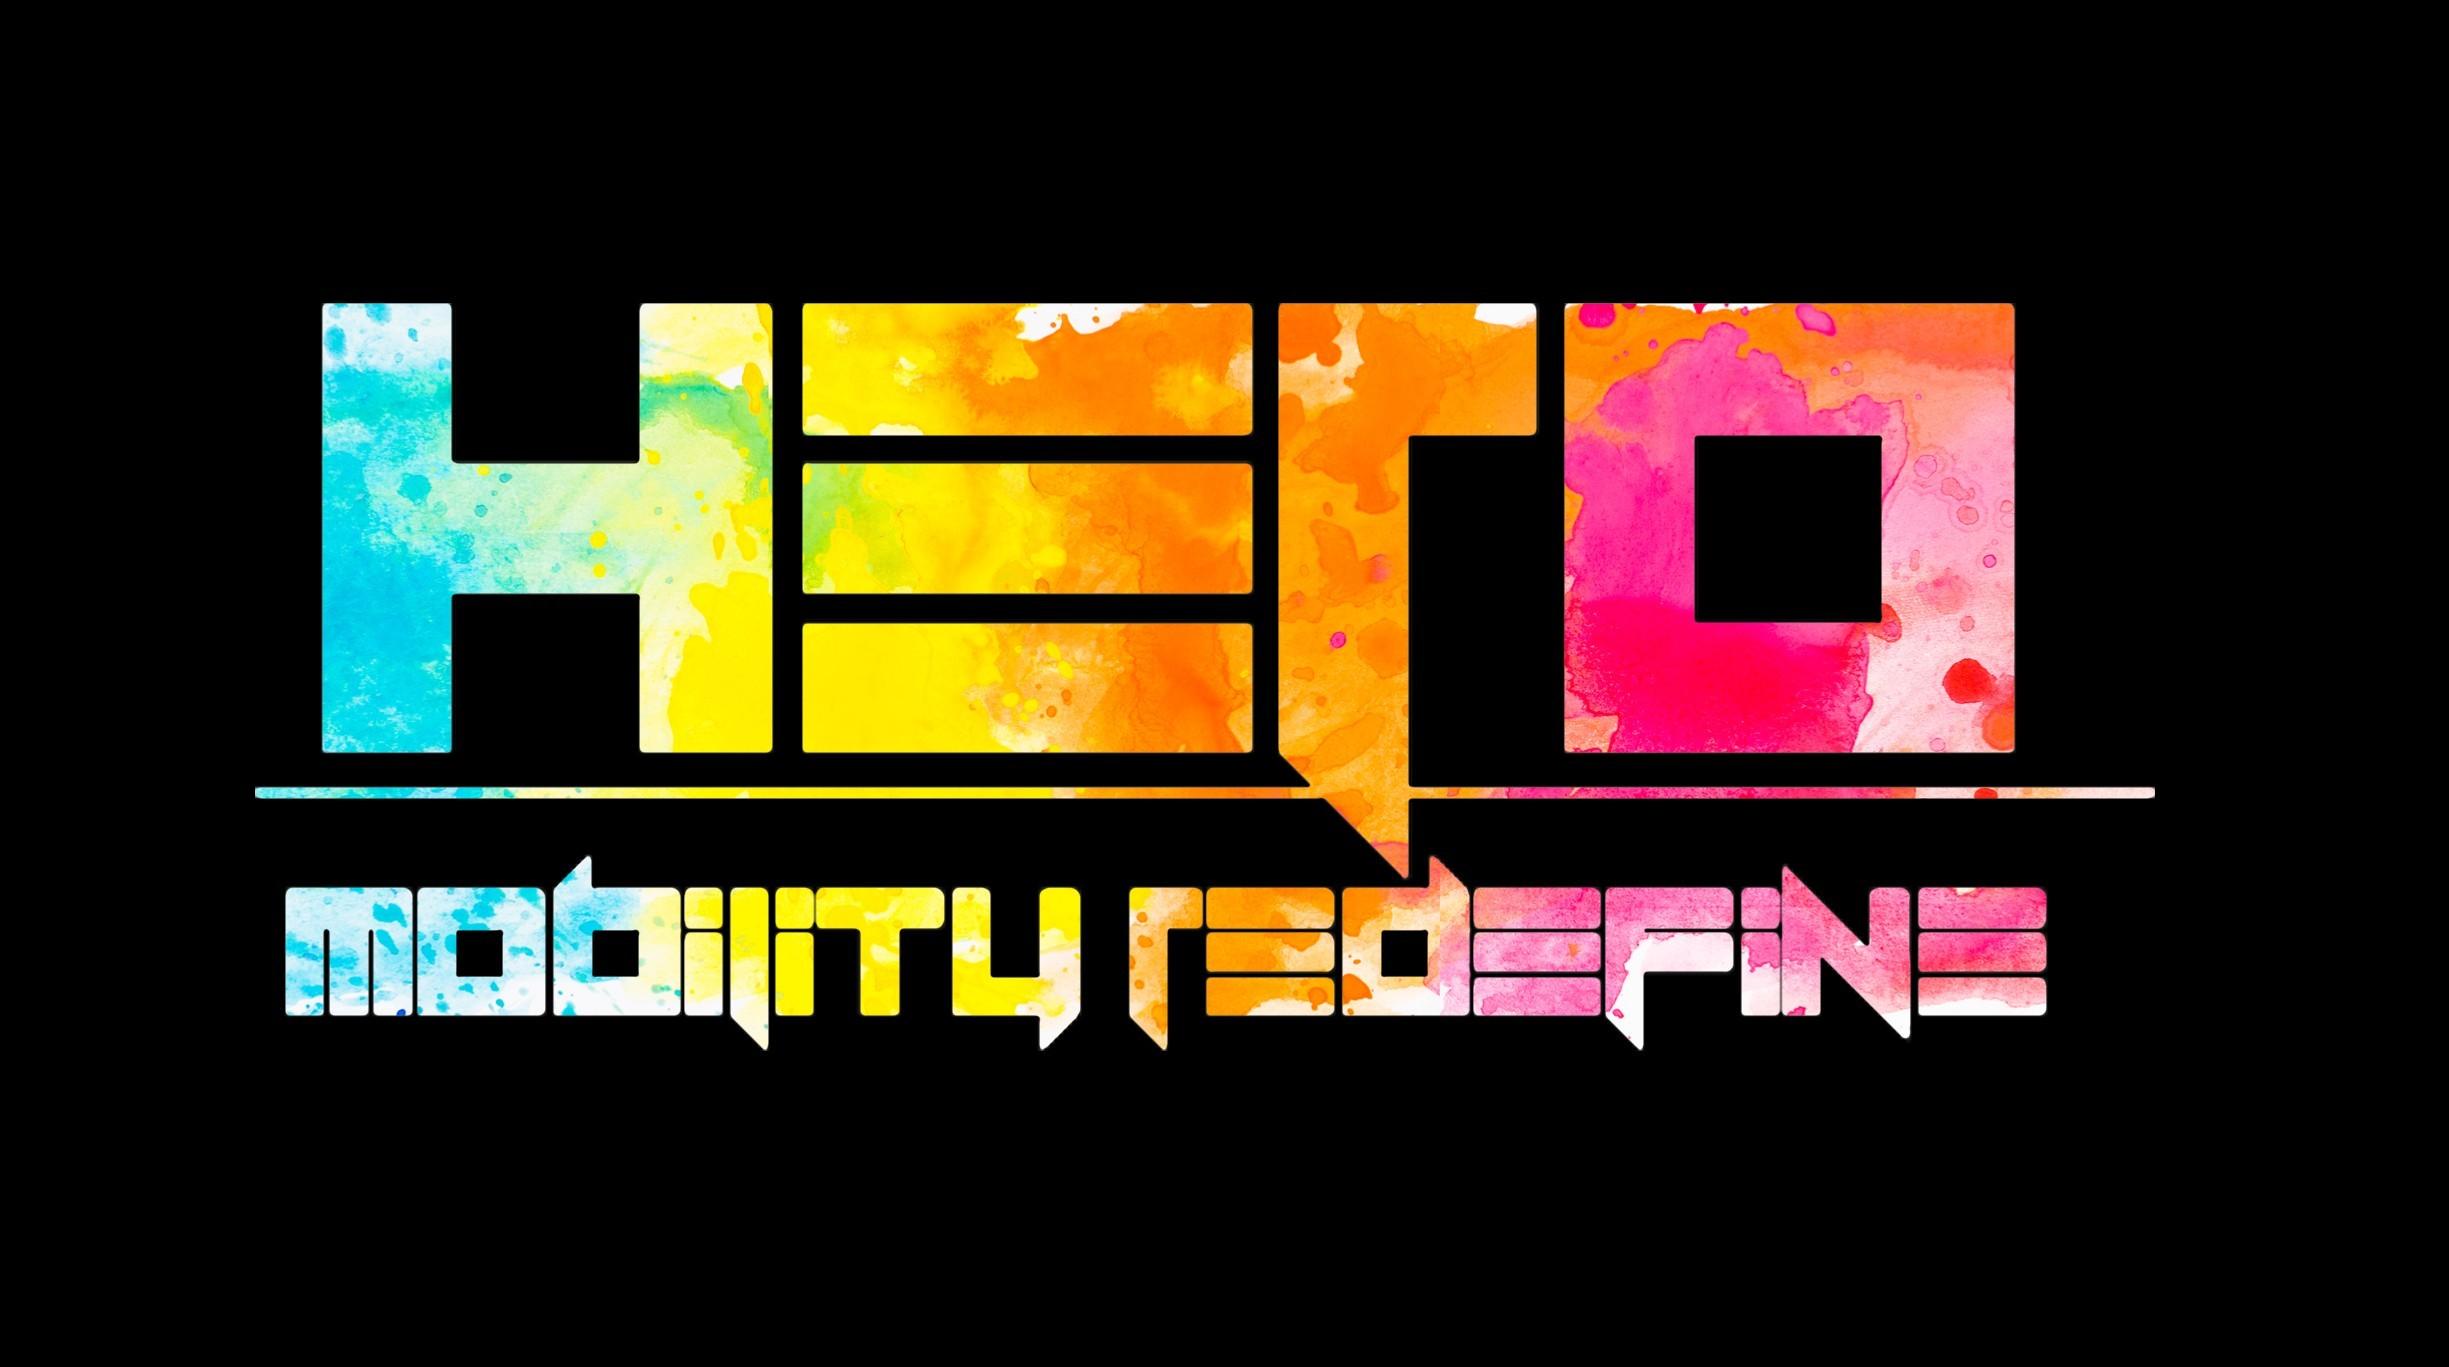 Hero Mobility